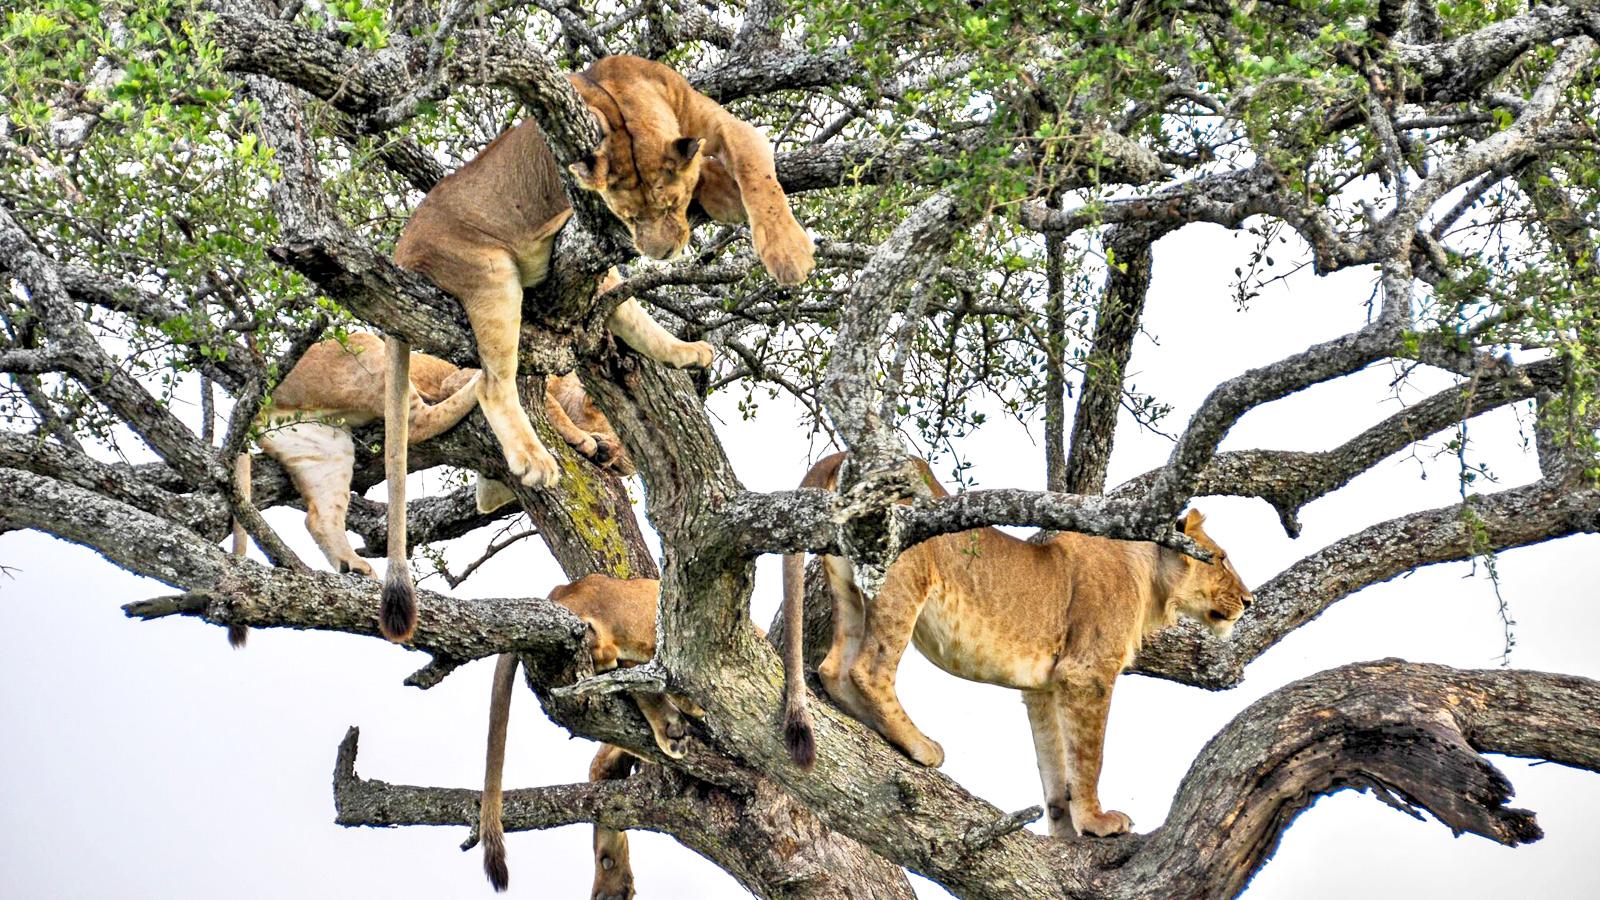 Löwen im Baum in Tansania in der Serengeti traveljunkies